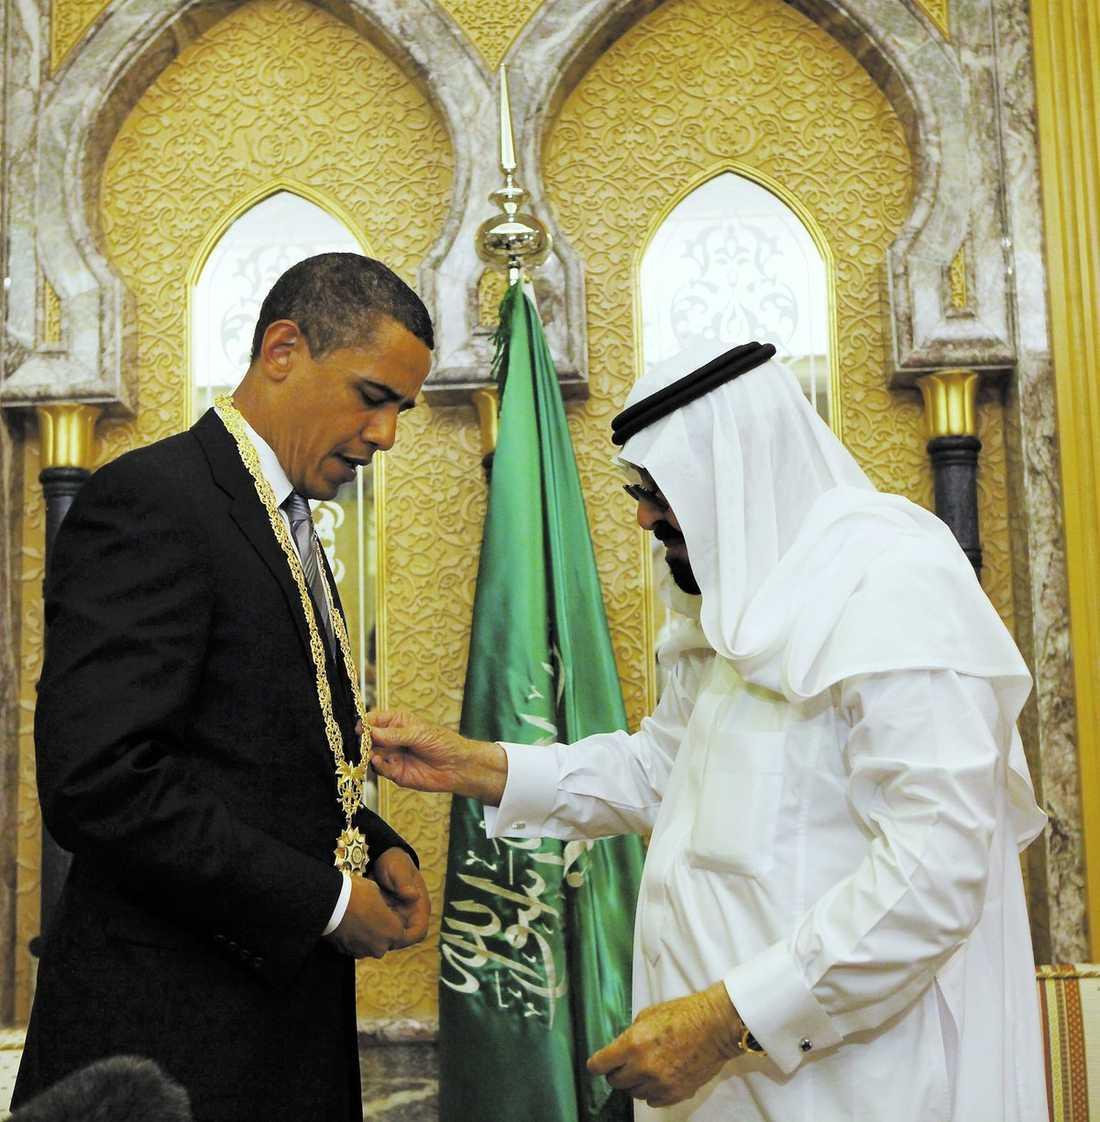 Struntar i Israel Barack Obama har påbörjat sin rundresa i Mellanöstern, men väljer att hoppa över ett besök i Israel. Något som skapat sura miner i Tel Aviv. I går prisades Obama av kung Abdullah i Saudiarabien.